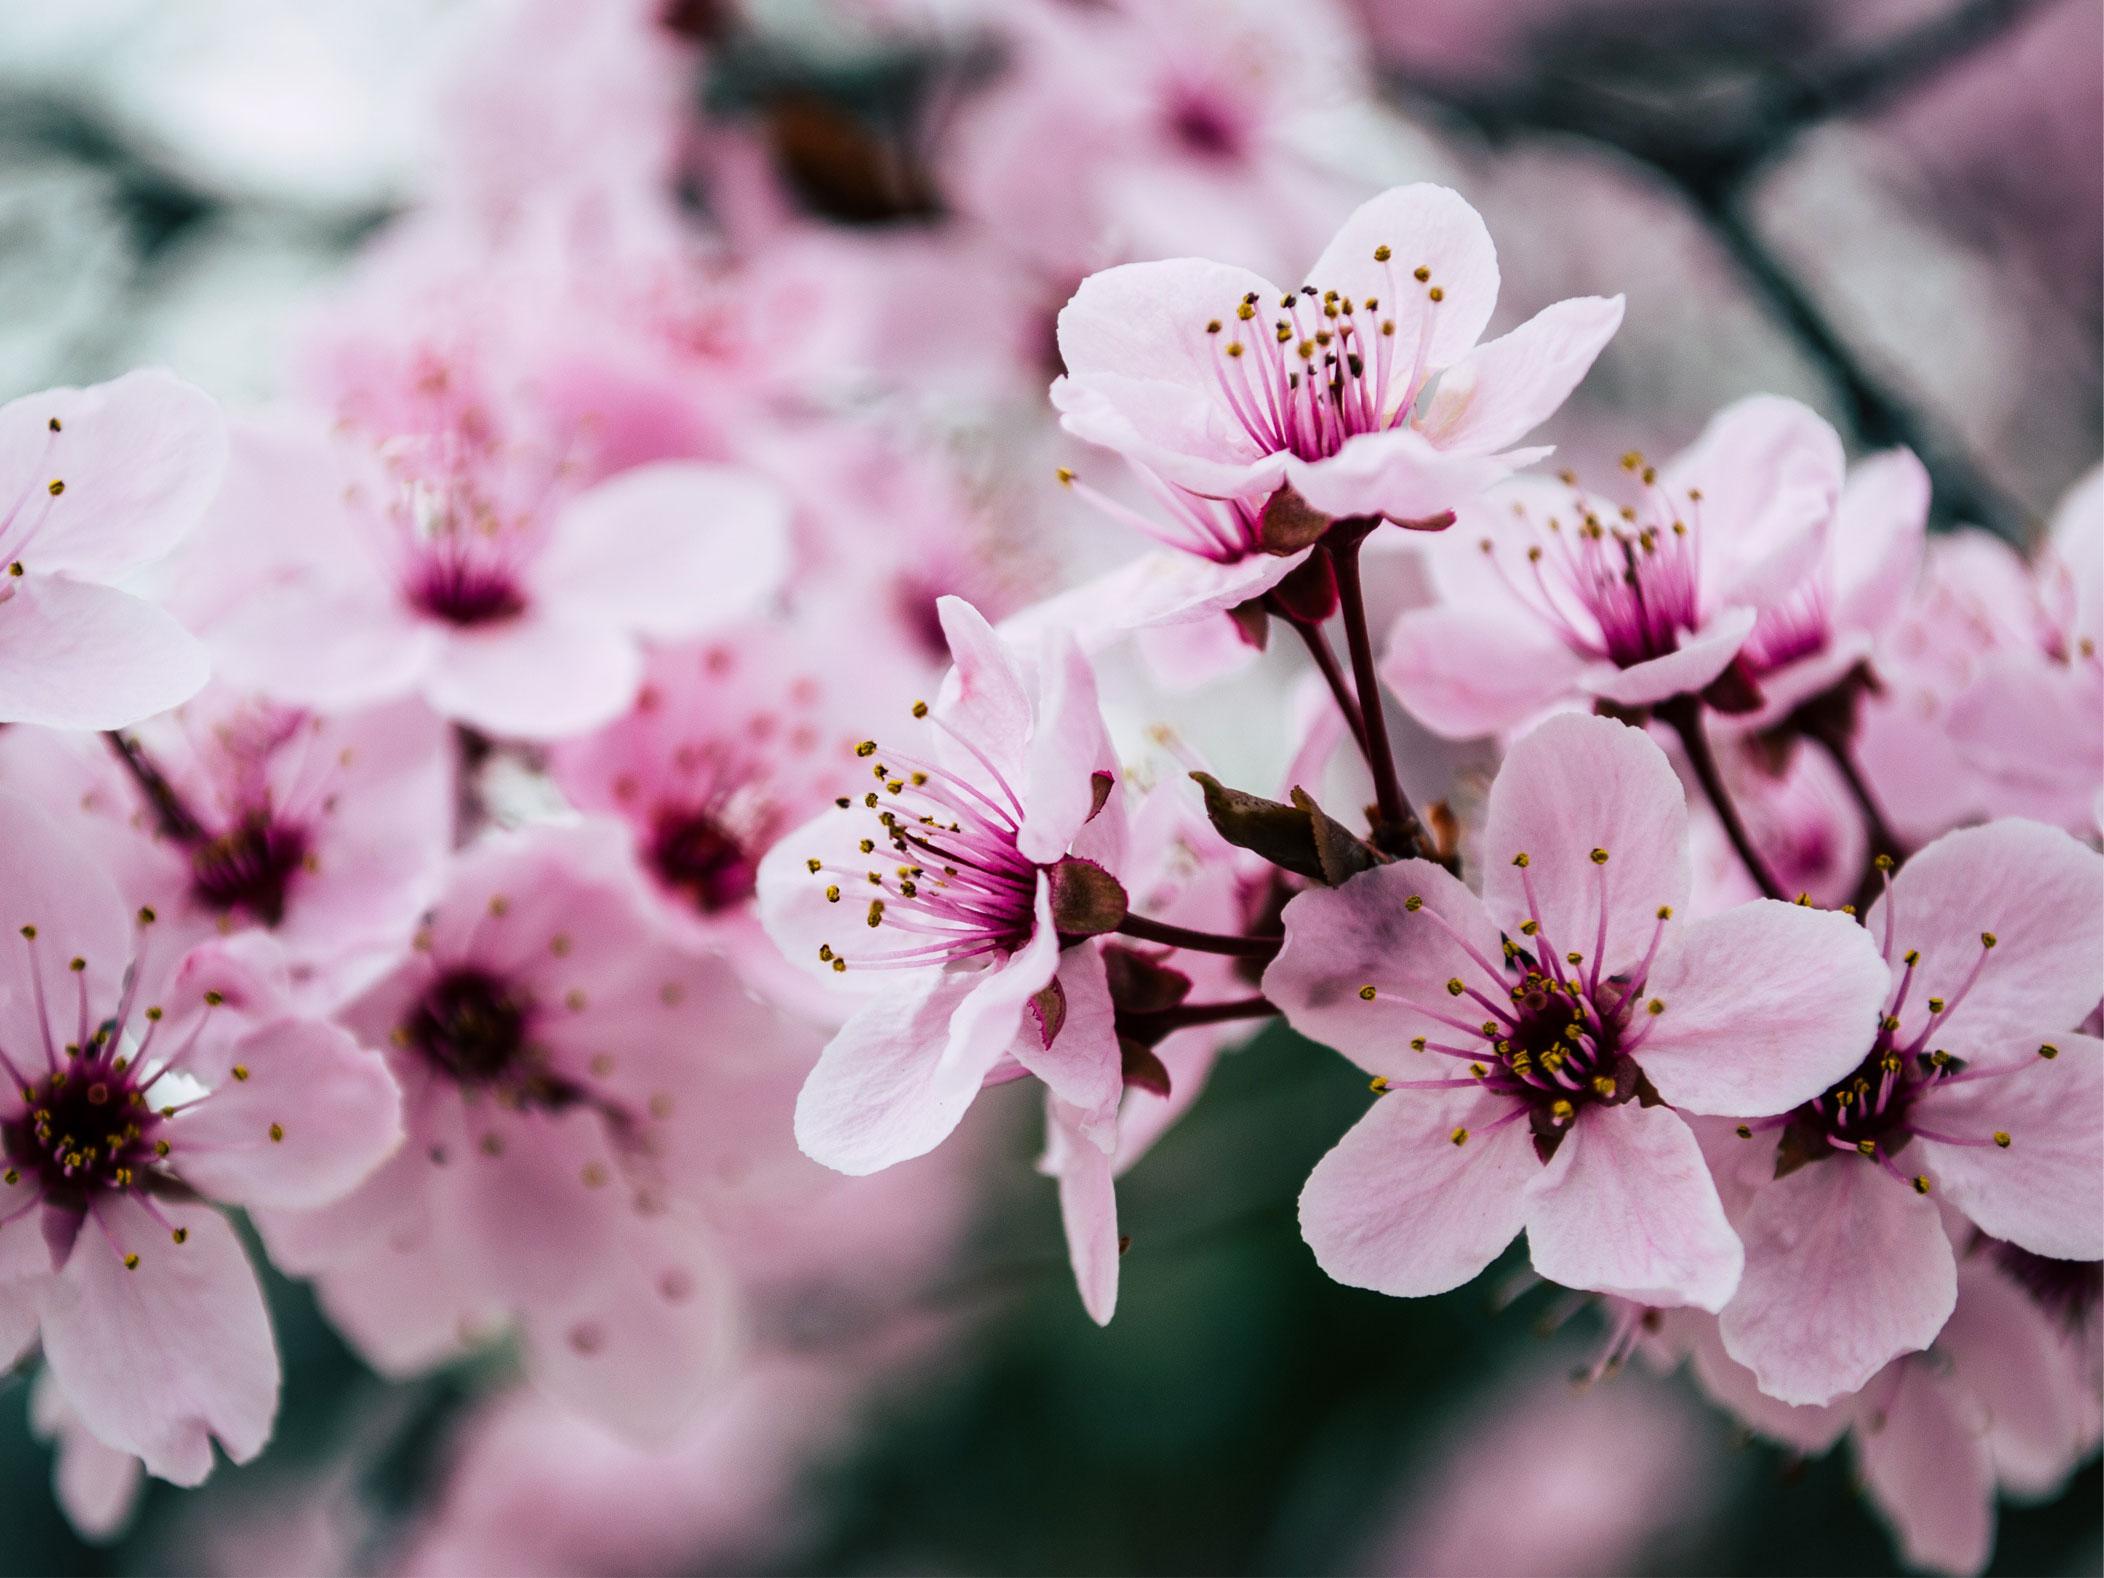 fiori di ciliegio yoga gentile torino